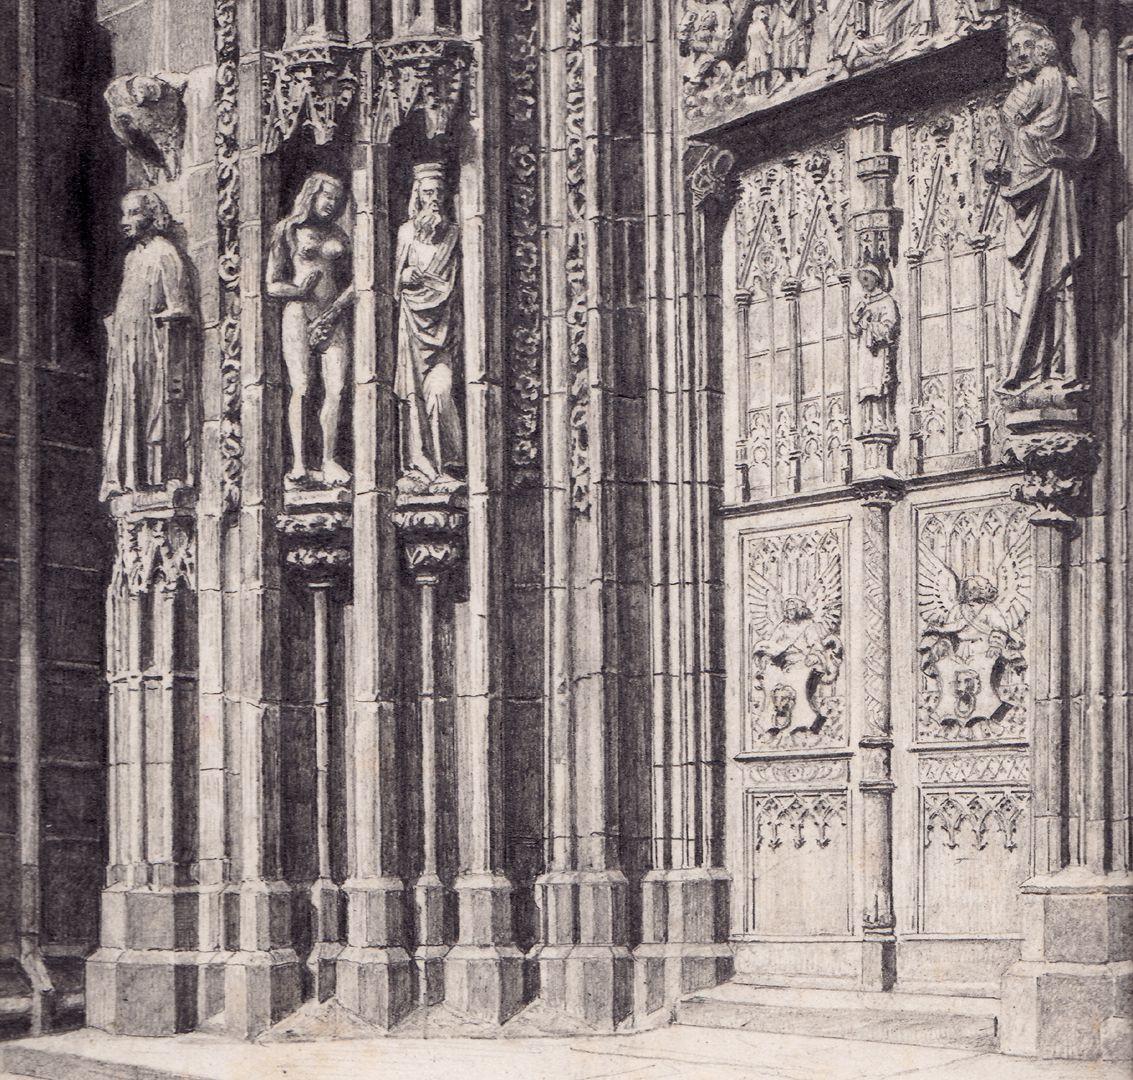 Nördliche Tür des Hauptportals der Lorenzkirche Detail